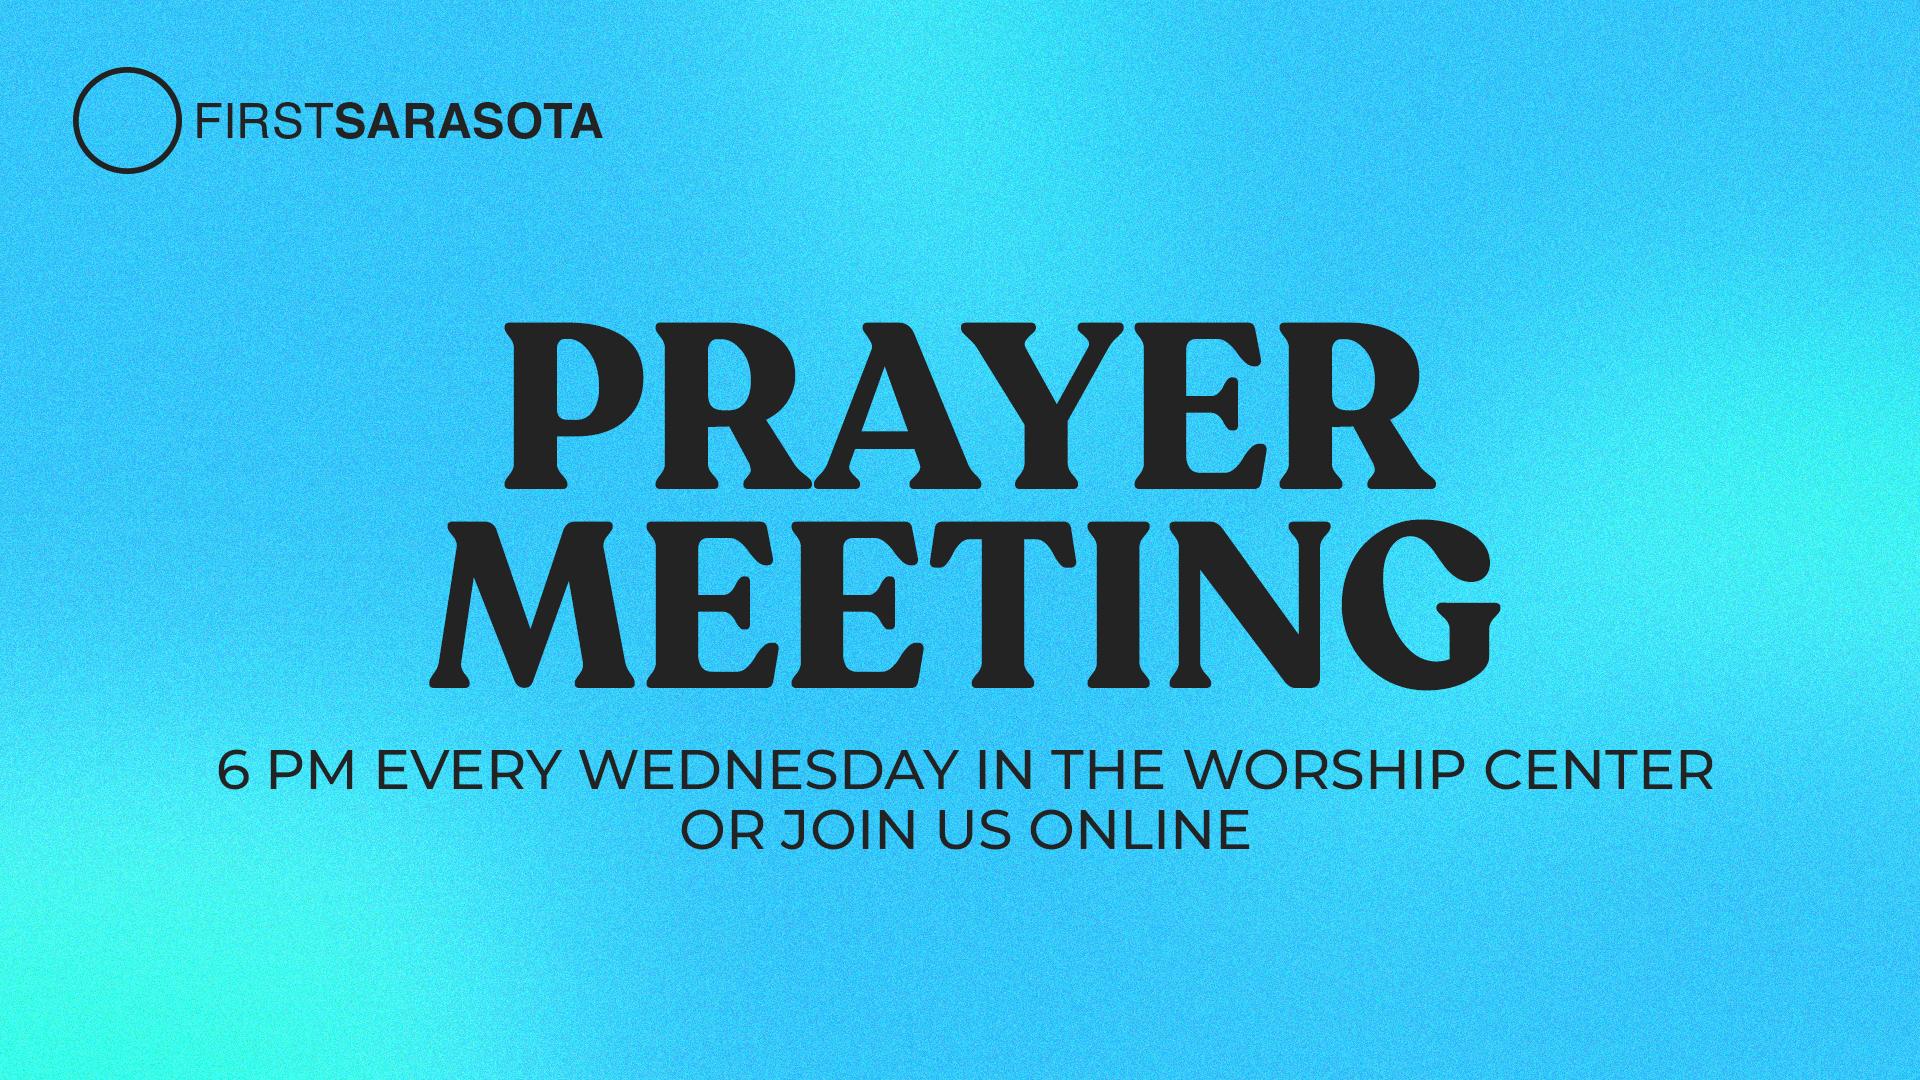 Prayer Meeting at First Sarasota